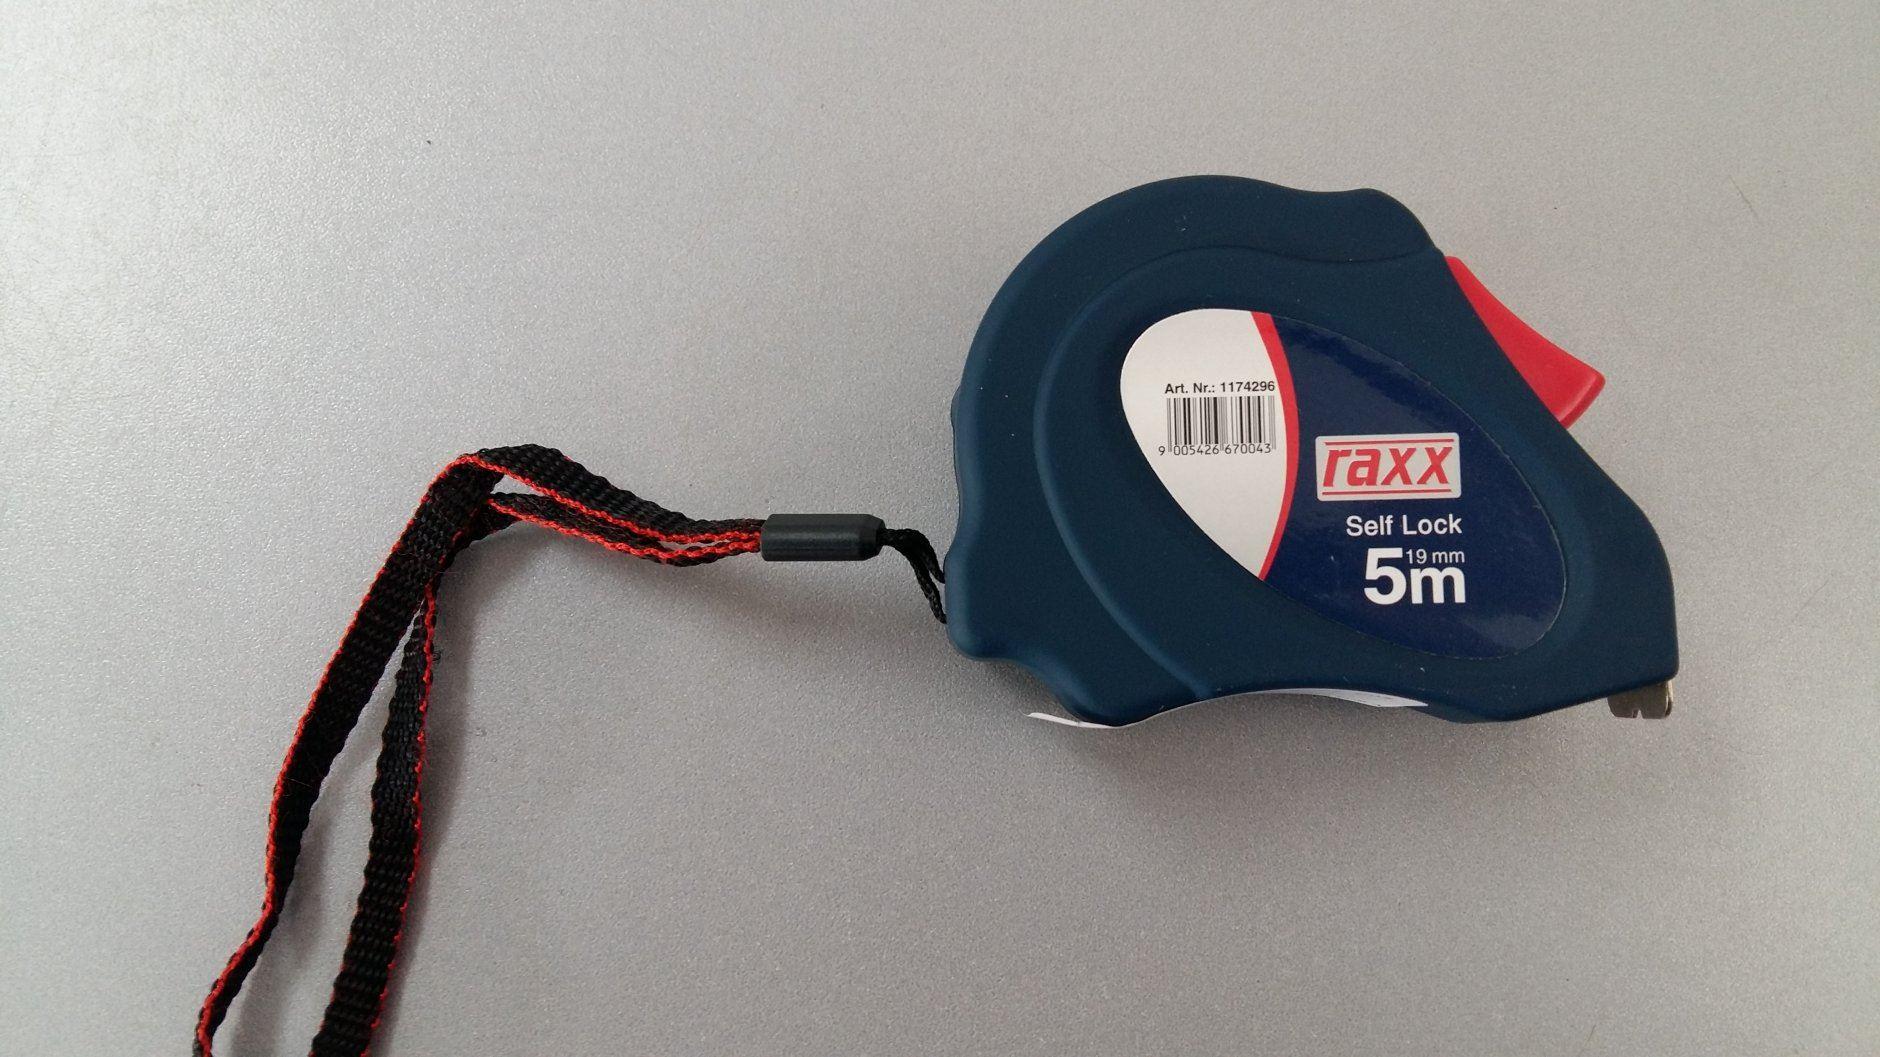 Metar Raxx Self Lock 5m, širina trake 19mm (RAXX 1174296)